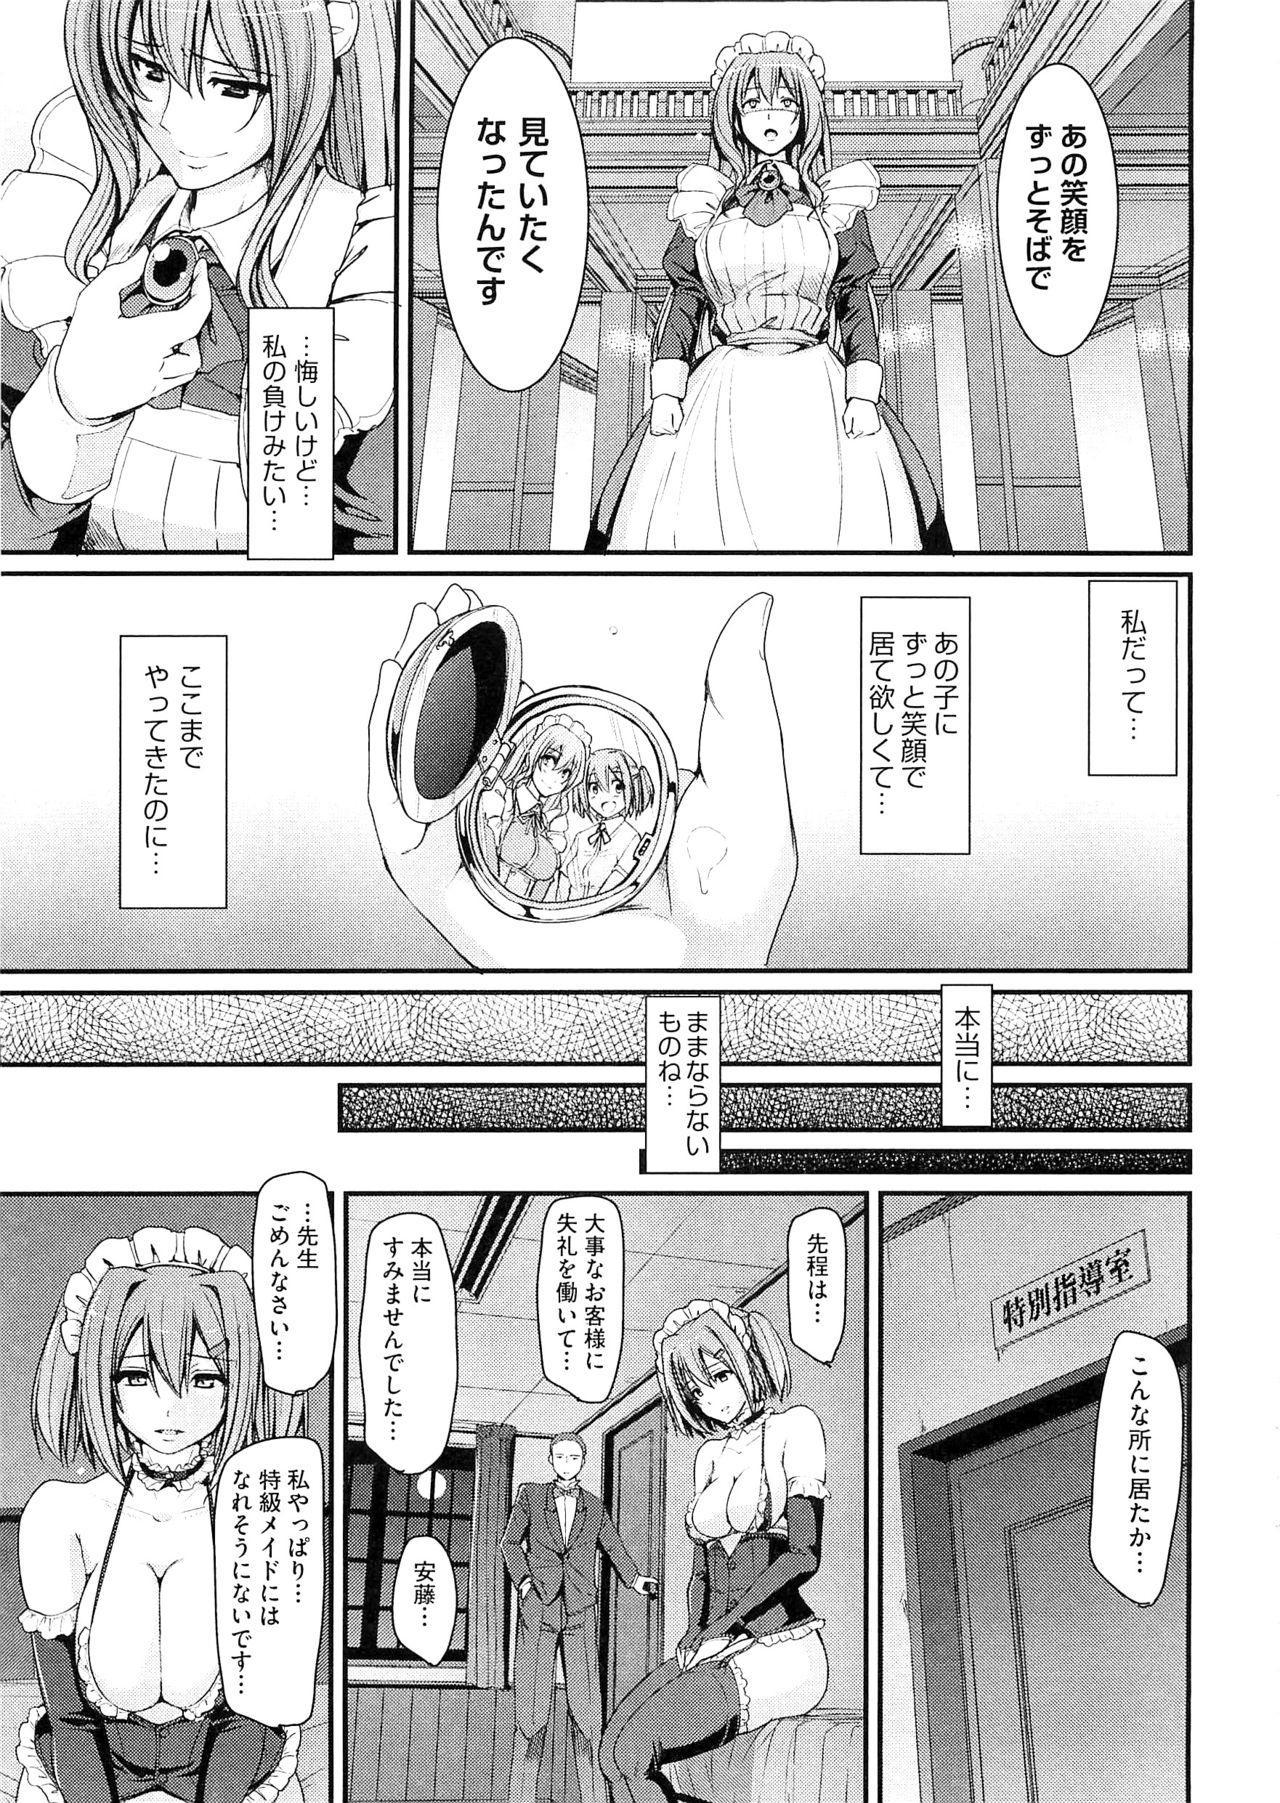 Maid Gakuen e Youkoso!! - Welcome to Maid Academy 142